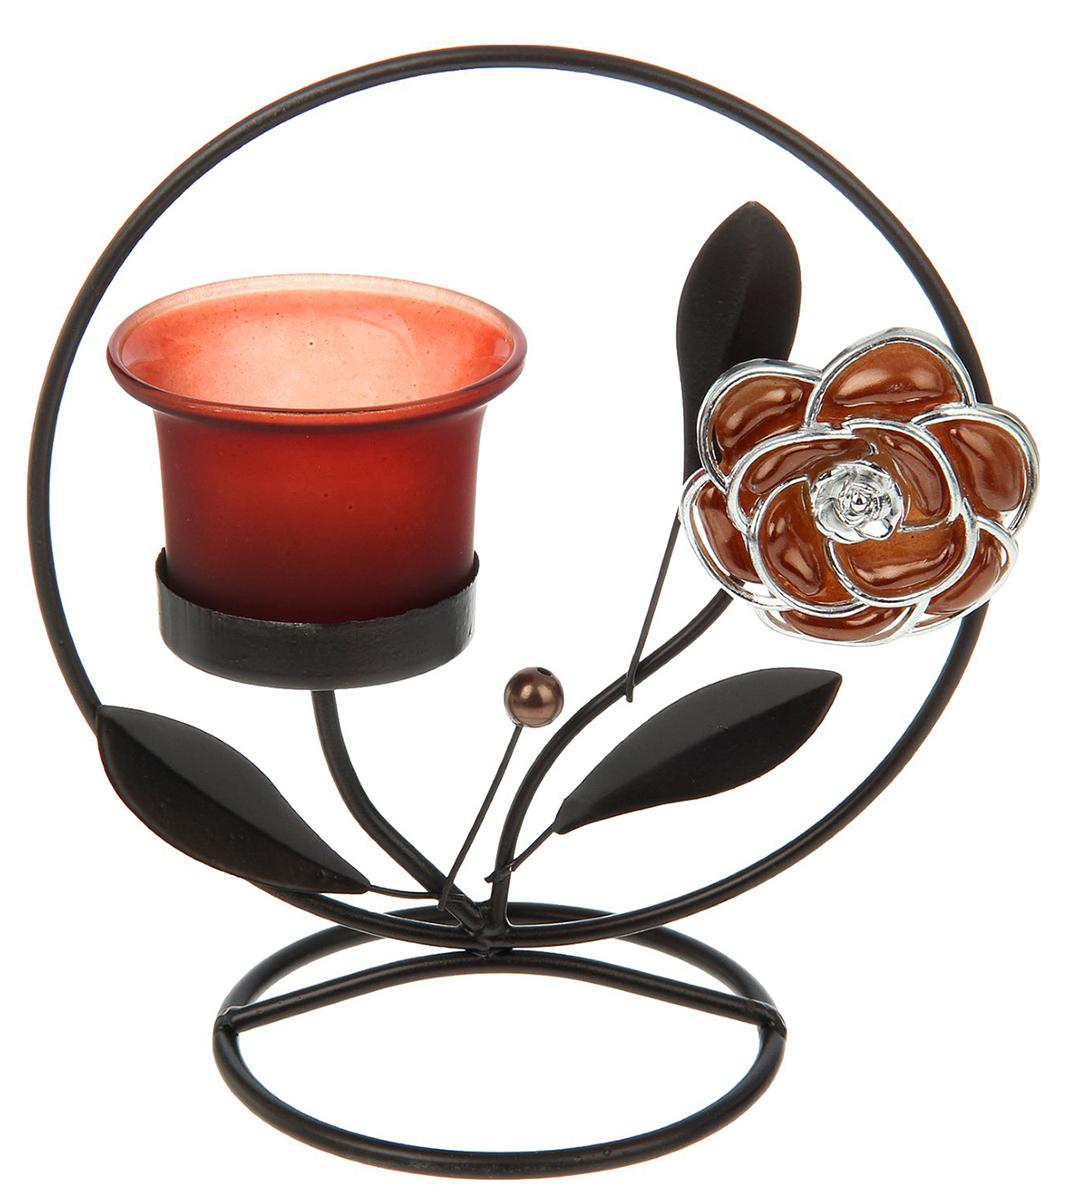 Подсвечник цветок с жемчужиной в круге, цвет: кофейный, красный, 9 х 15,5 х 17 см456027Невозможно представить нашу жизнь без праздников! Мы всегда ждем их и предвкушаем, обдумываем, как проведем памятный день, тщательно выбираем подарки и аксессуары, ведь именно они создают и поддерживают торжественный настрой. — это отличный выбор, который привнесет атмосферу праздника в ваш дом!Известно, что на пламя можно смотреть вечно: его мягкое золотистое сияние проясняет сознание и чарует. Огонь свечи притягивает наше внимание еще больше. Он делает атмосферу загадочной и романтичной.